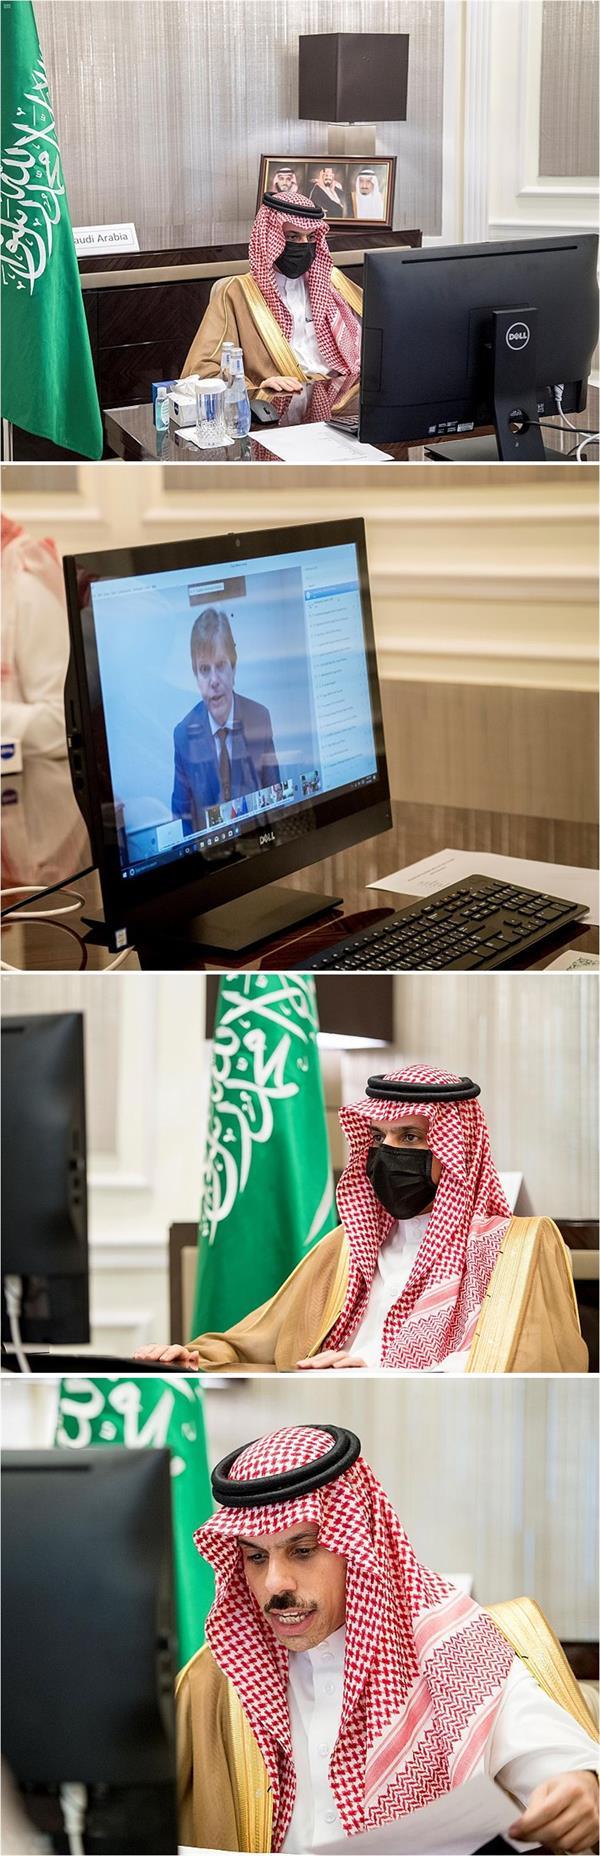 وزير الخارجية يشارك في اجتماع التحالف الدولي ضد داعش